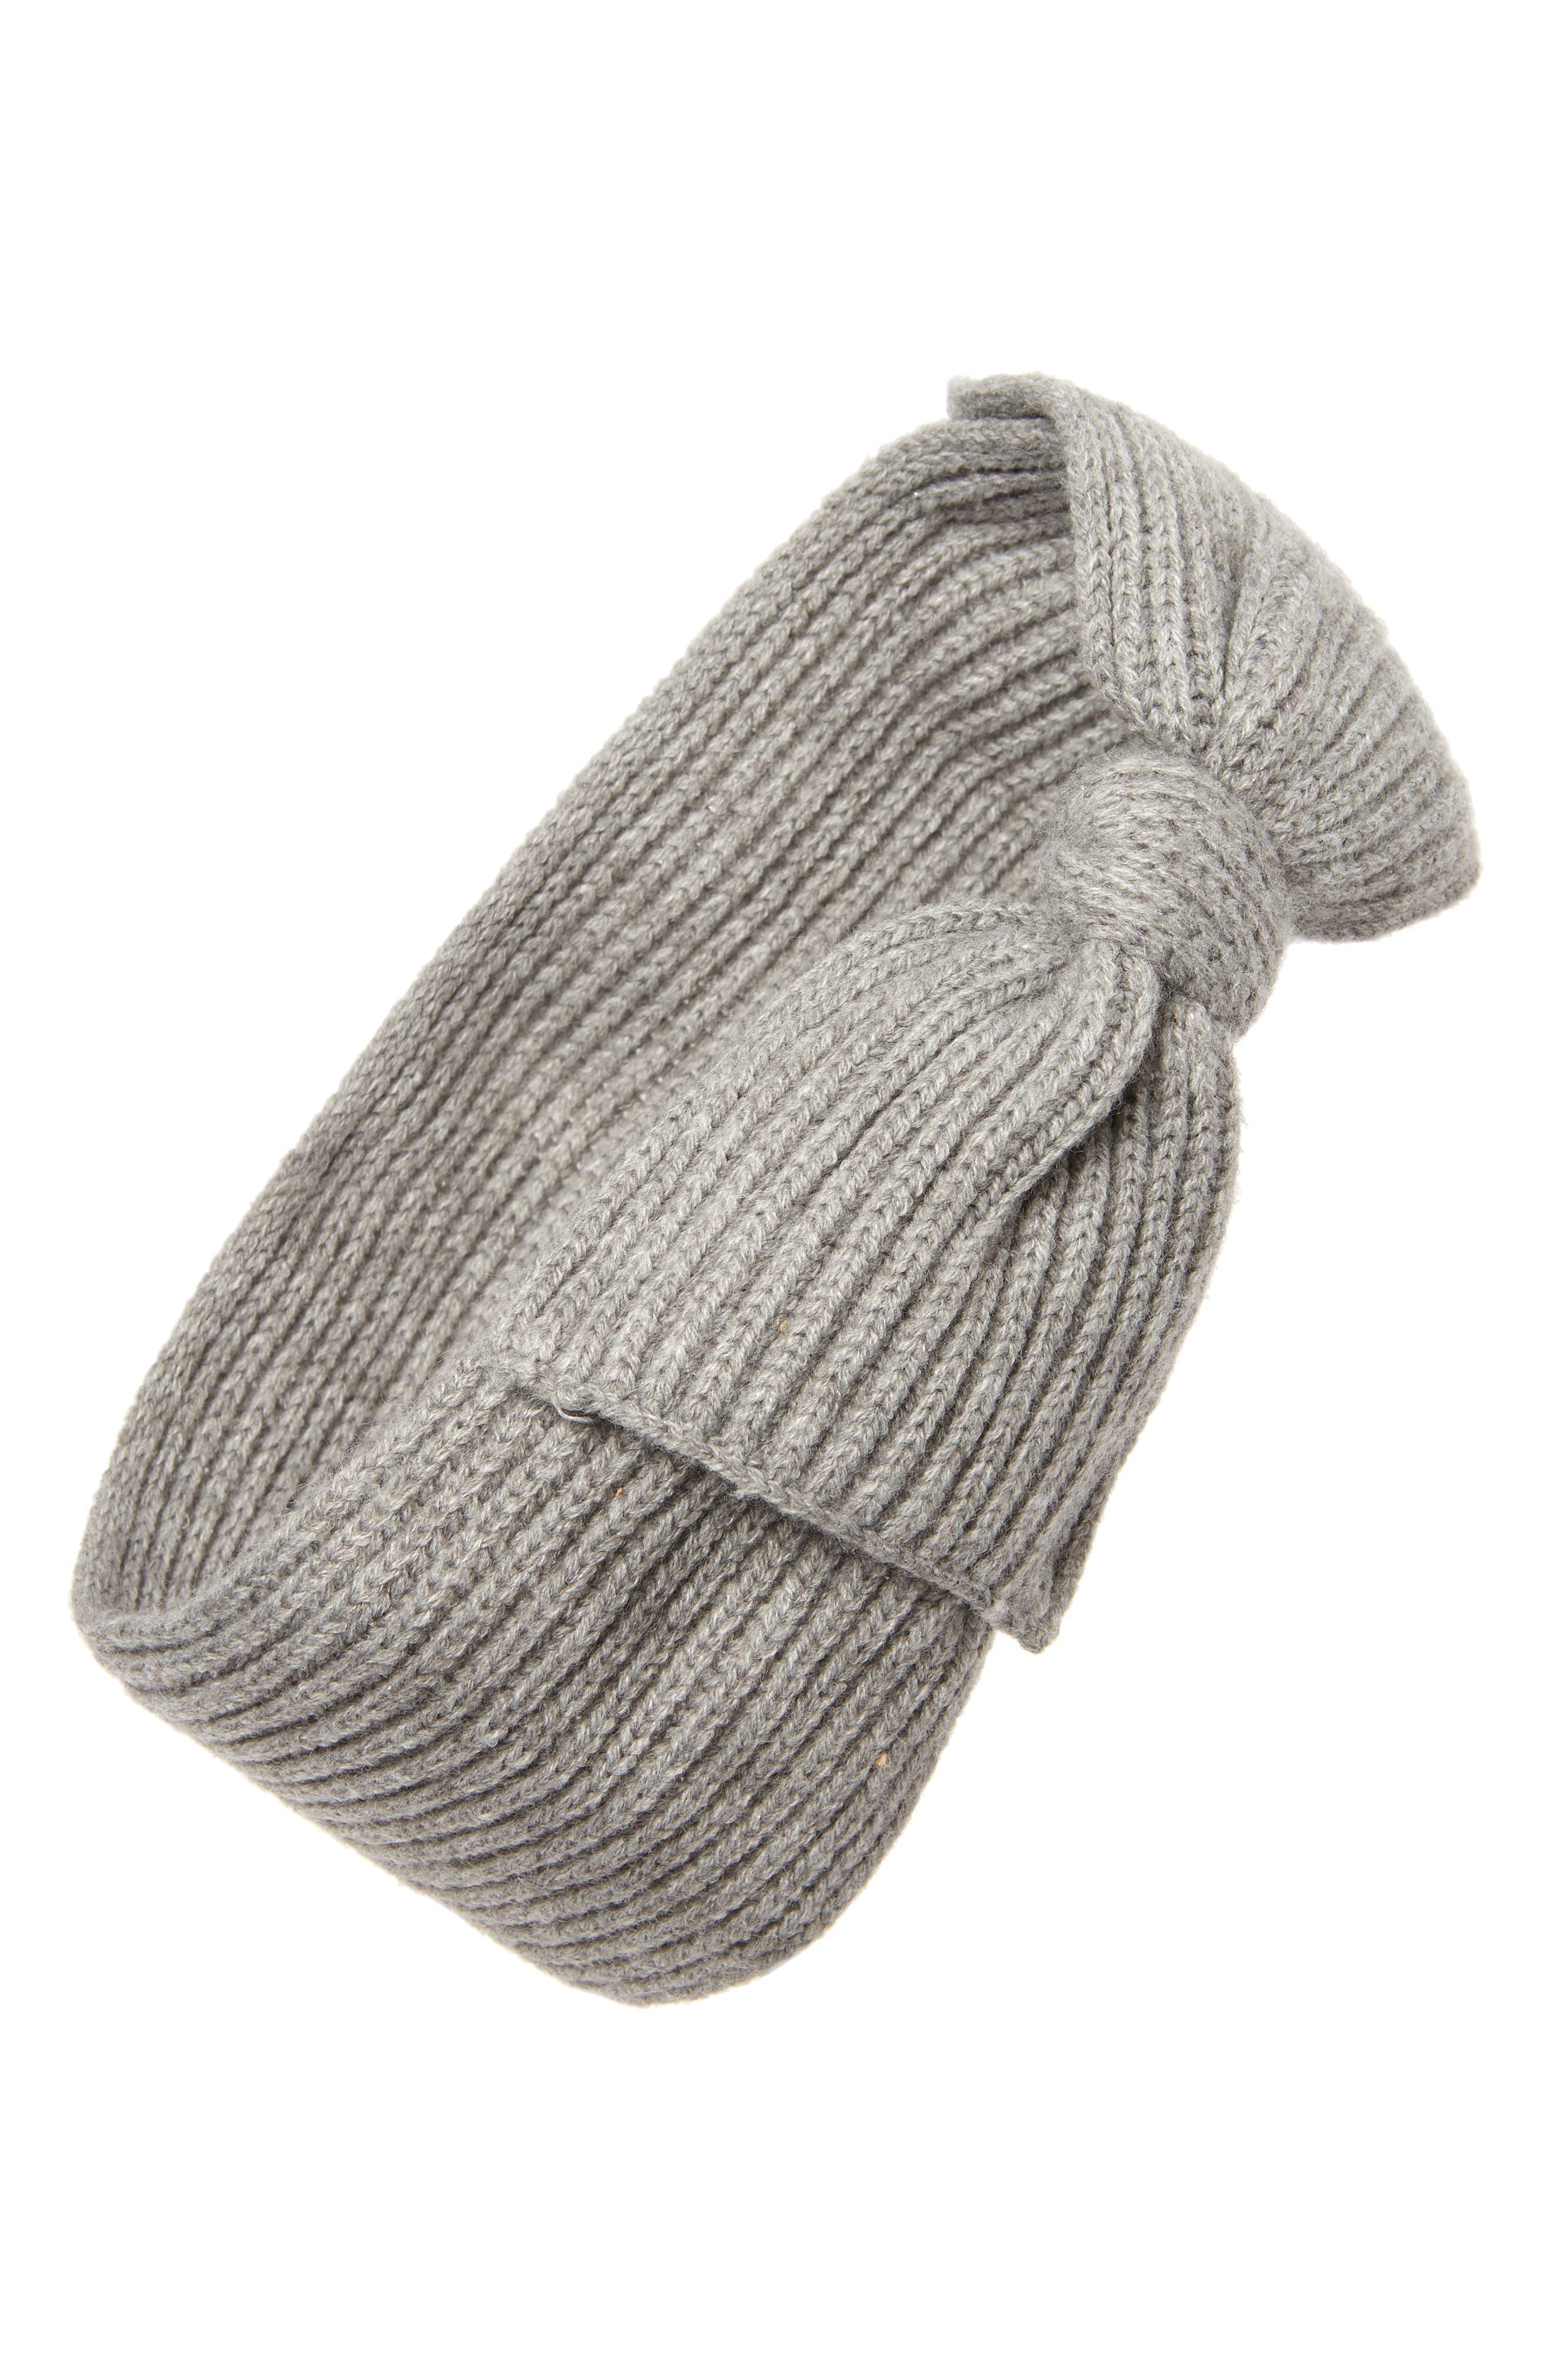 bow knit headband,                         Main,                         color, HEATHER GREY